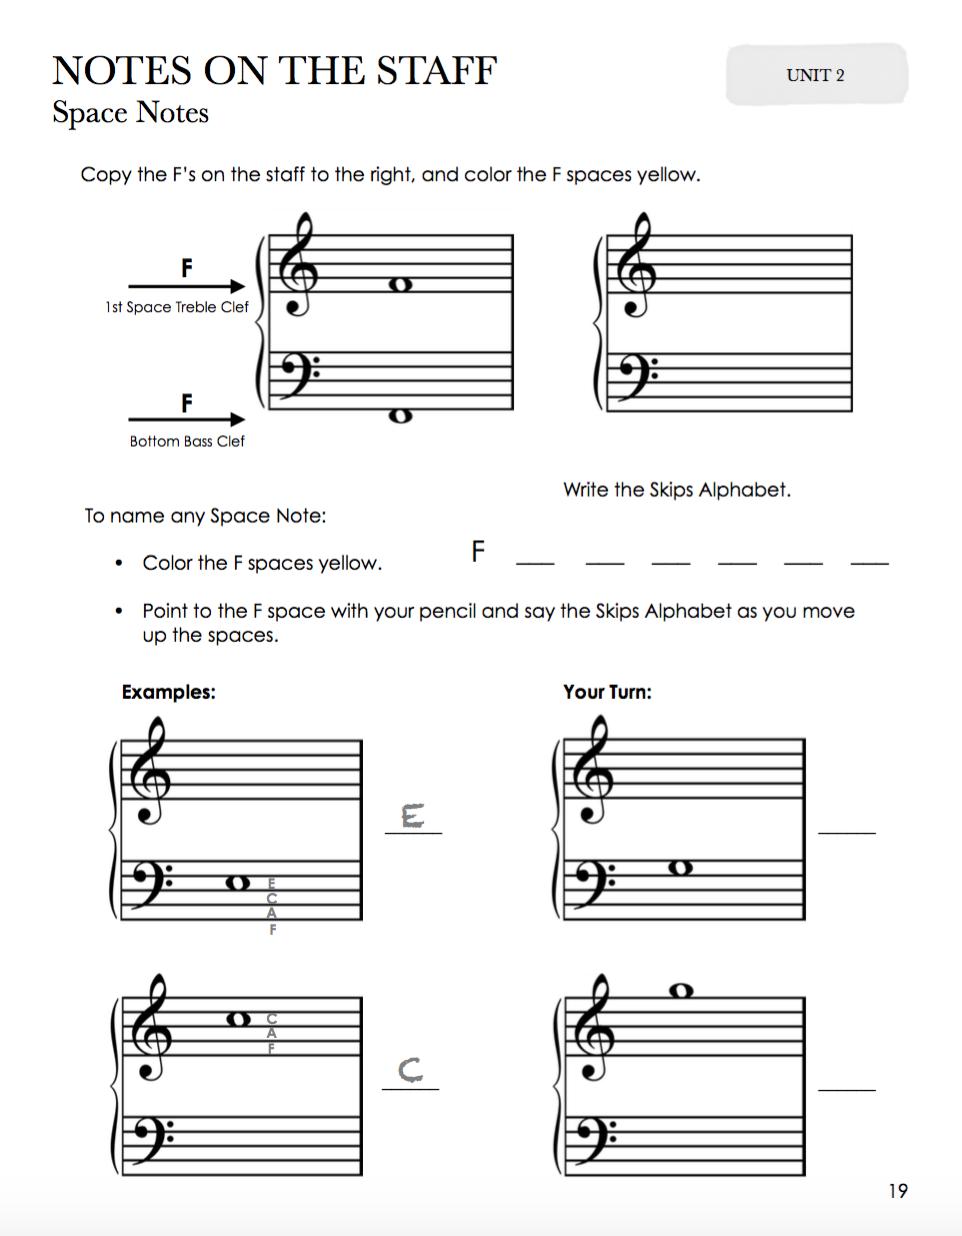 NOTAS NOS ESPAÇOS DA PAUTA PIANO LIVRO DE TEORIA PIANO SAFARI 2 LOJA MINEIRA DO MUSICO COMPRAR PIANO SAFARI ENCOMENDAR  LIVRO